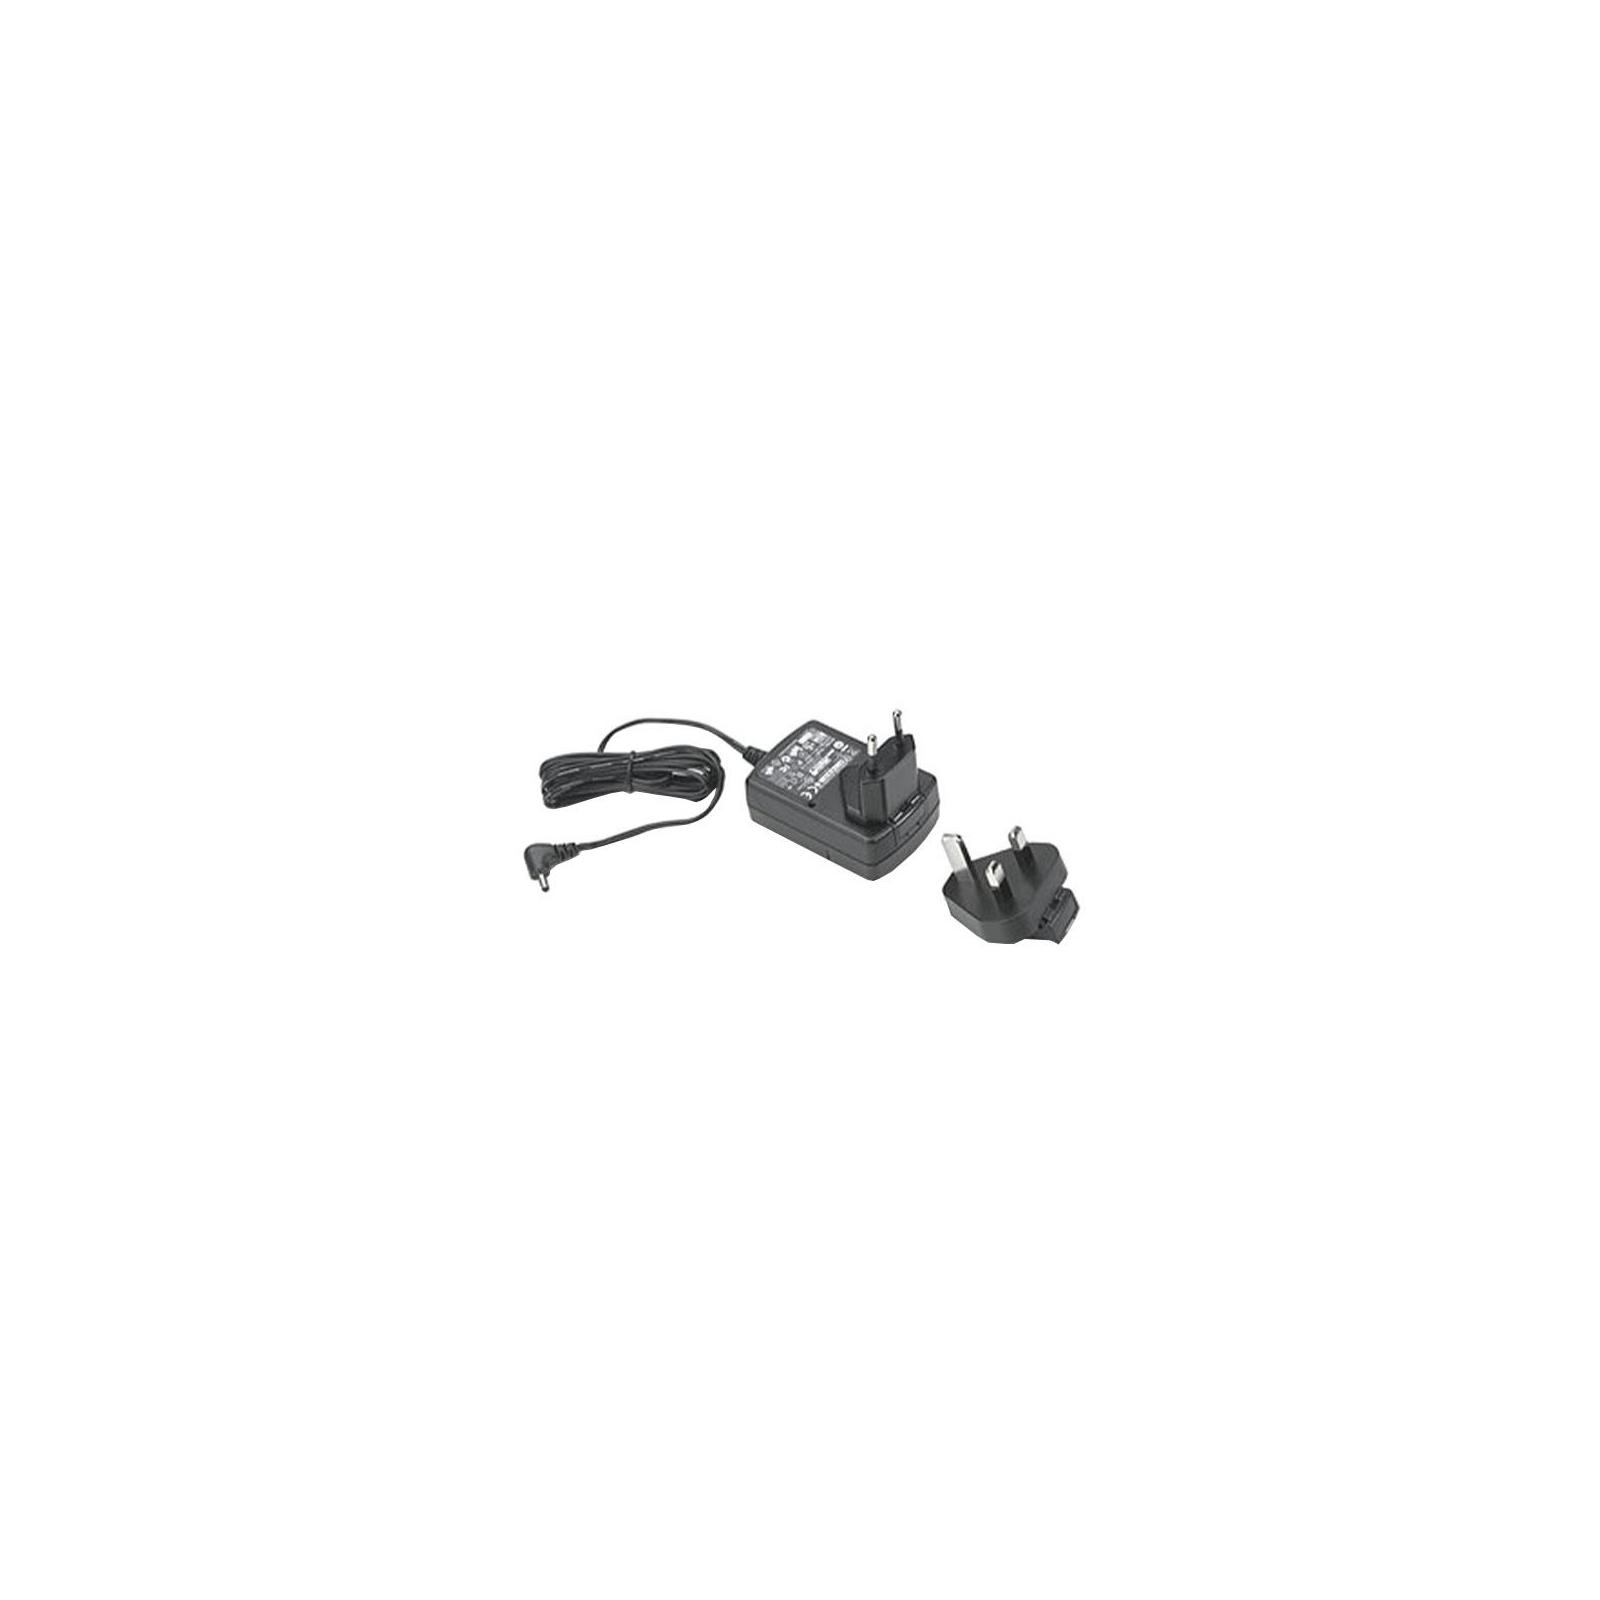 Блок питания для сканера штрих-кода Symbol/Zebra для кабеля RS232 универсальный (PWR-WUA5V4W0EU)